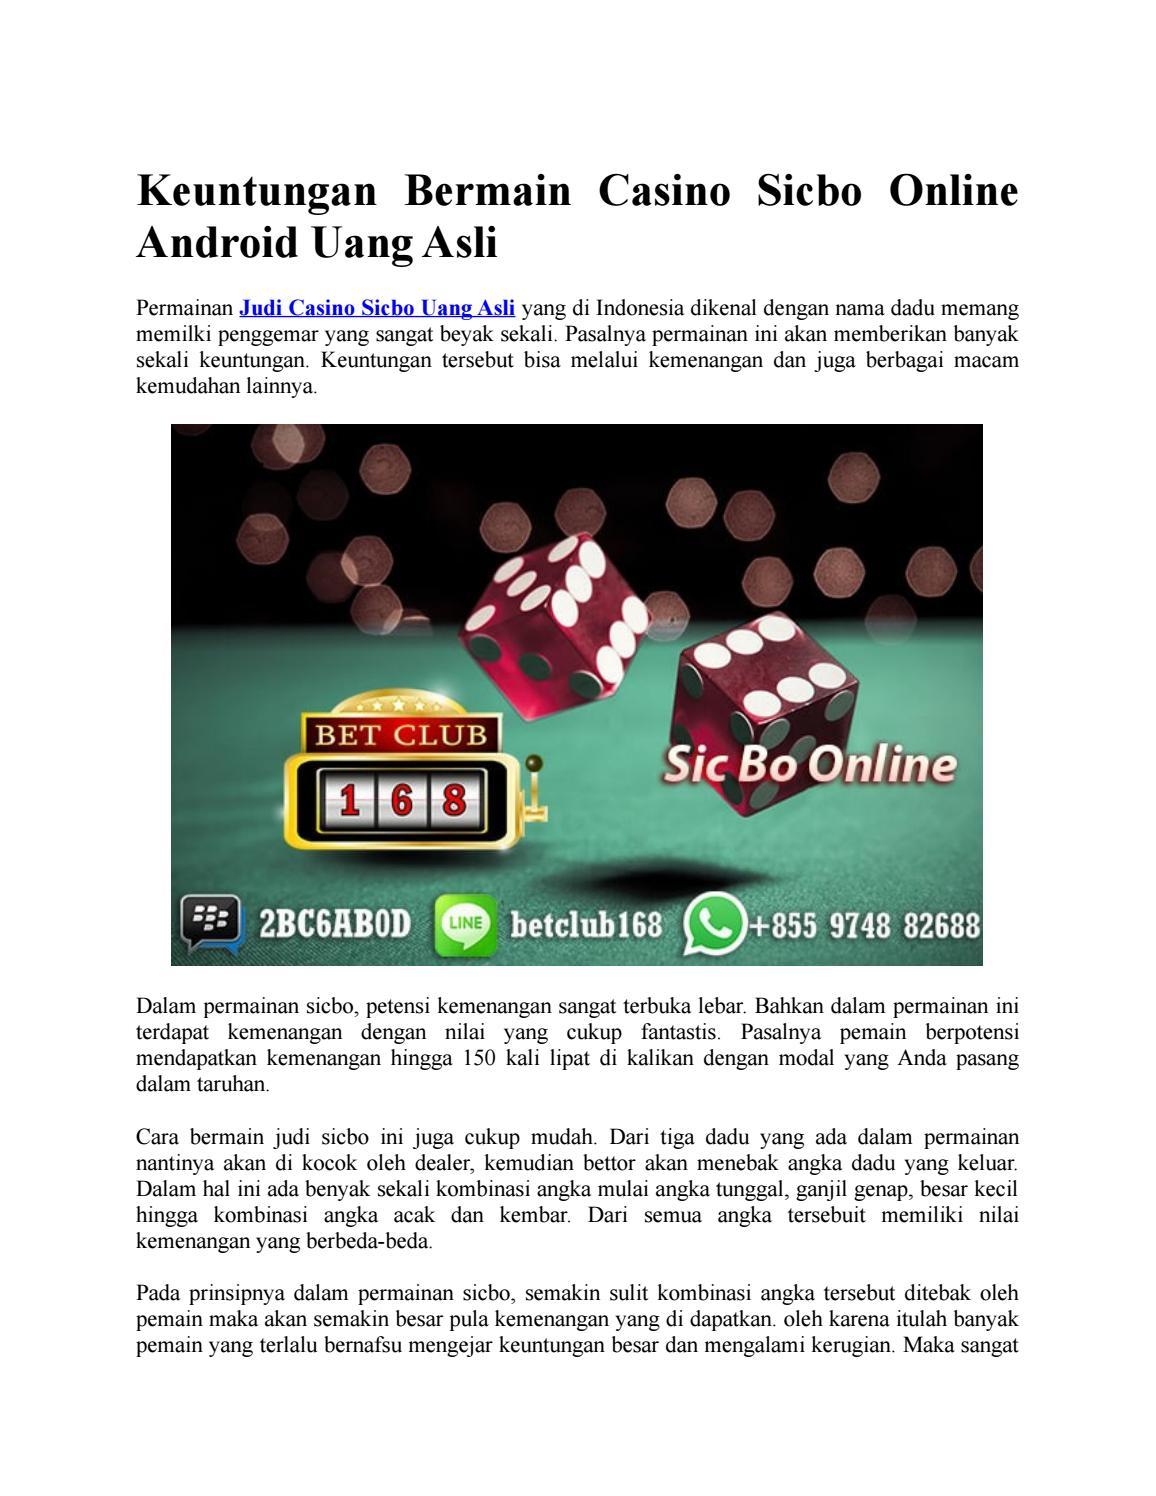 Keuntungan Bermain Casino Sicbo Online Android Uang Asli By Live Casino Uang Asli Issuu